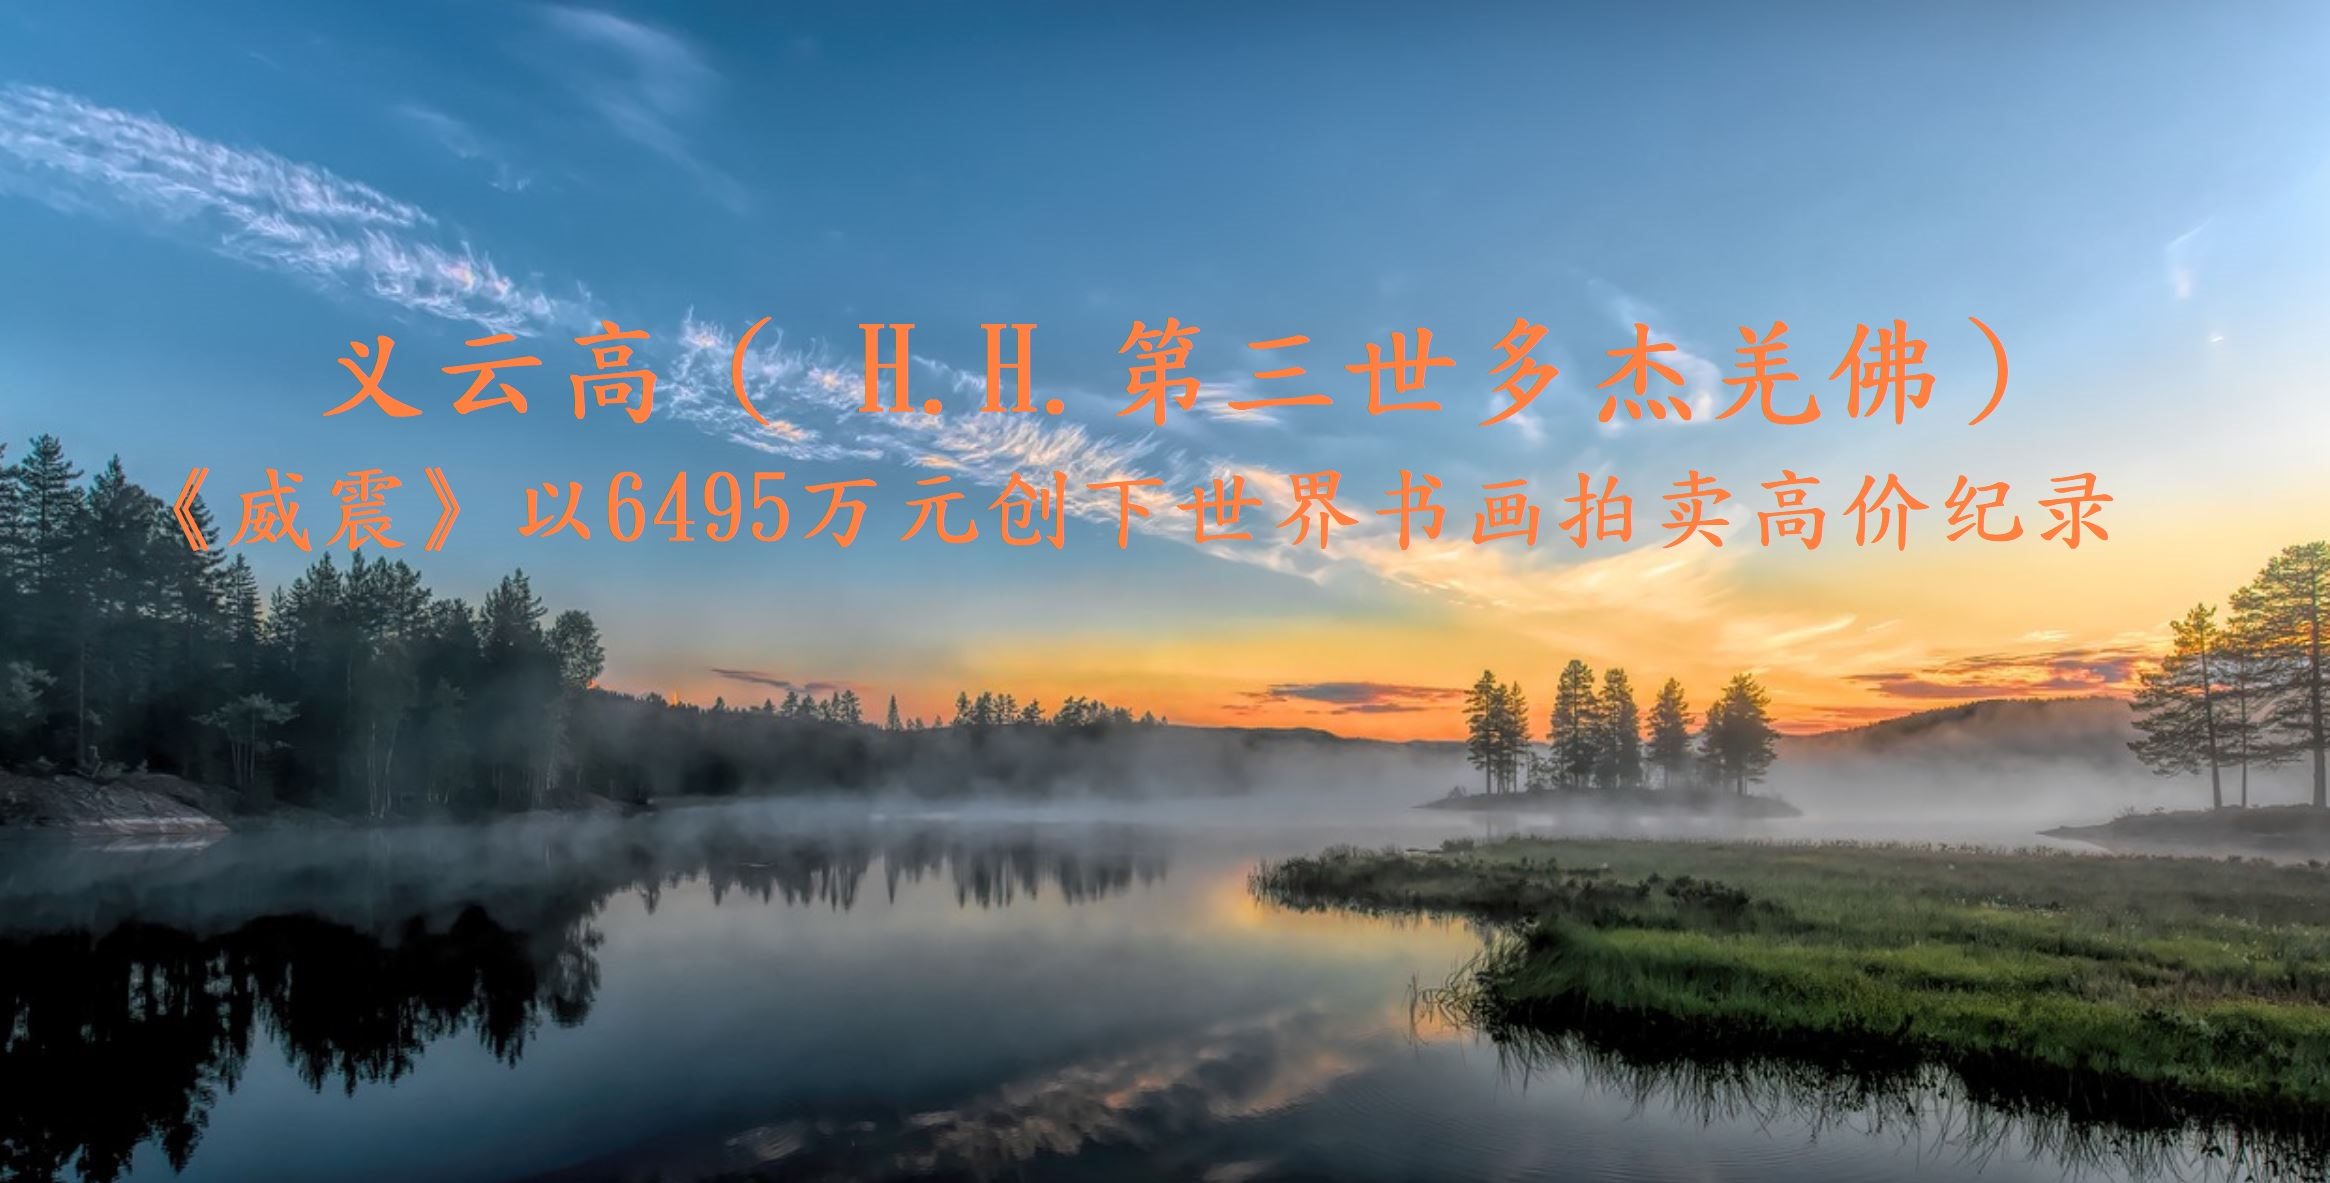 义云高《威震》以6495万元创下世界书画拍卖高价纪录